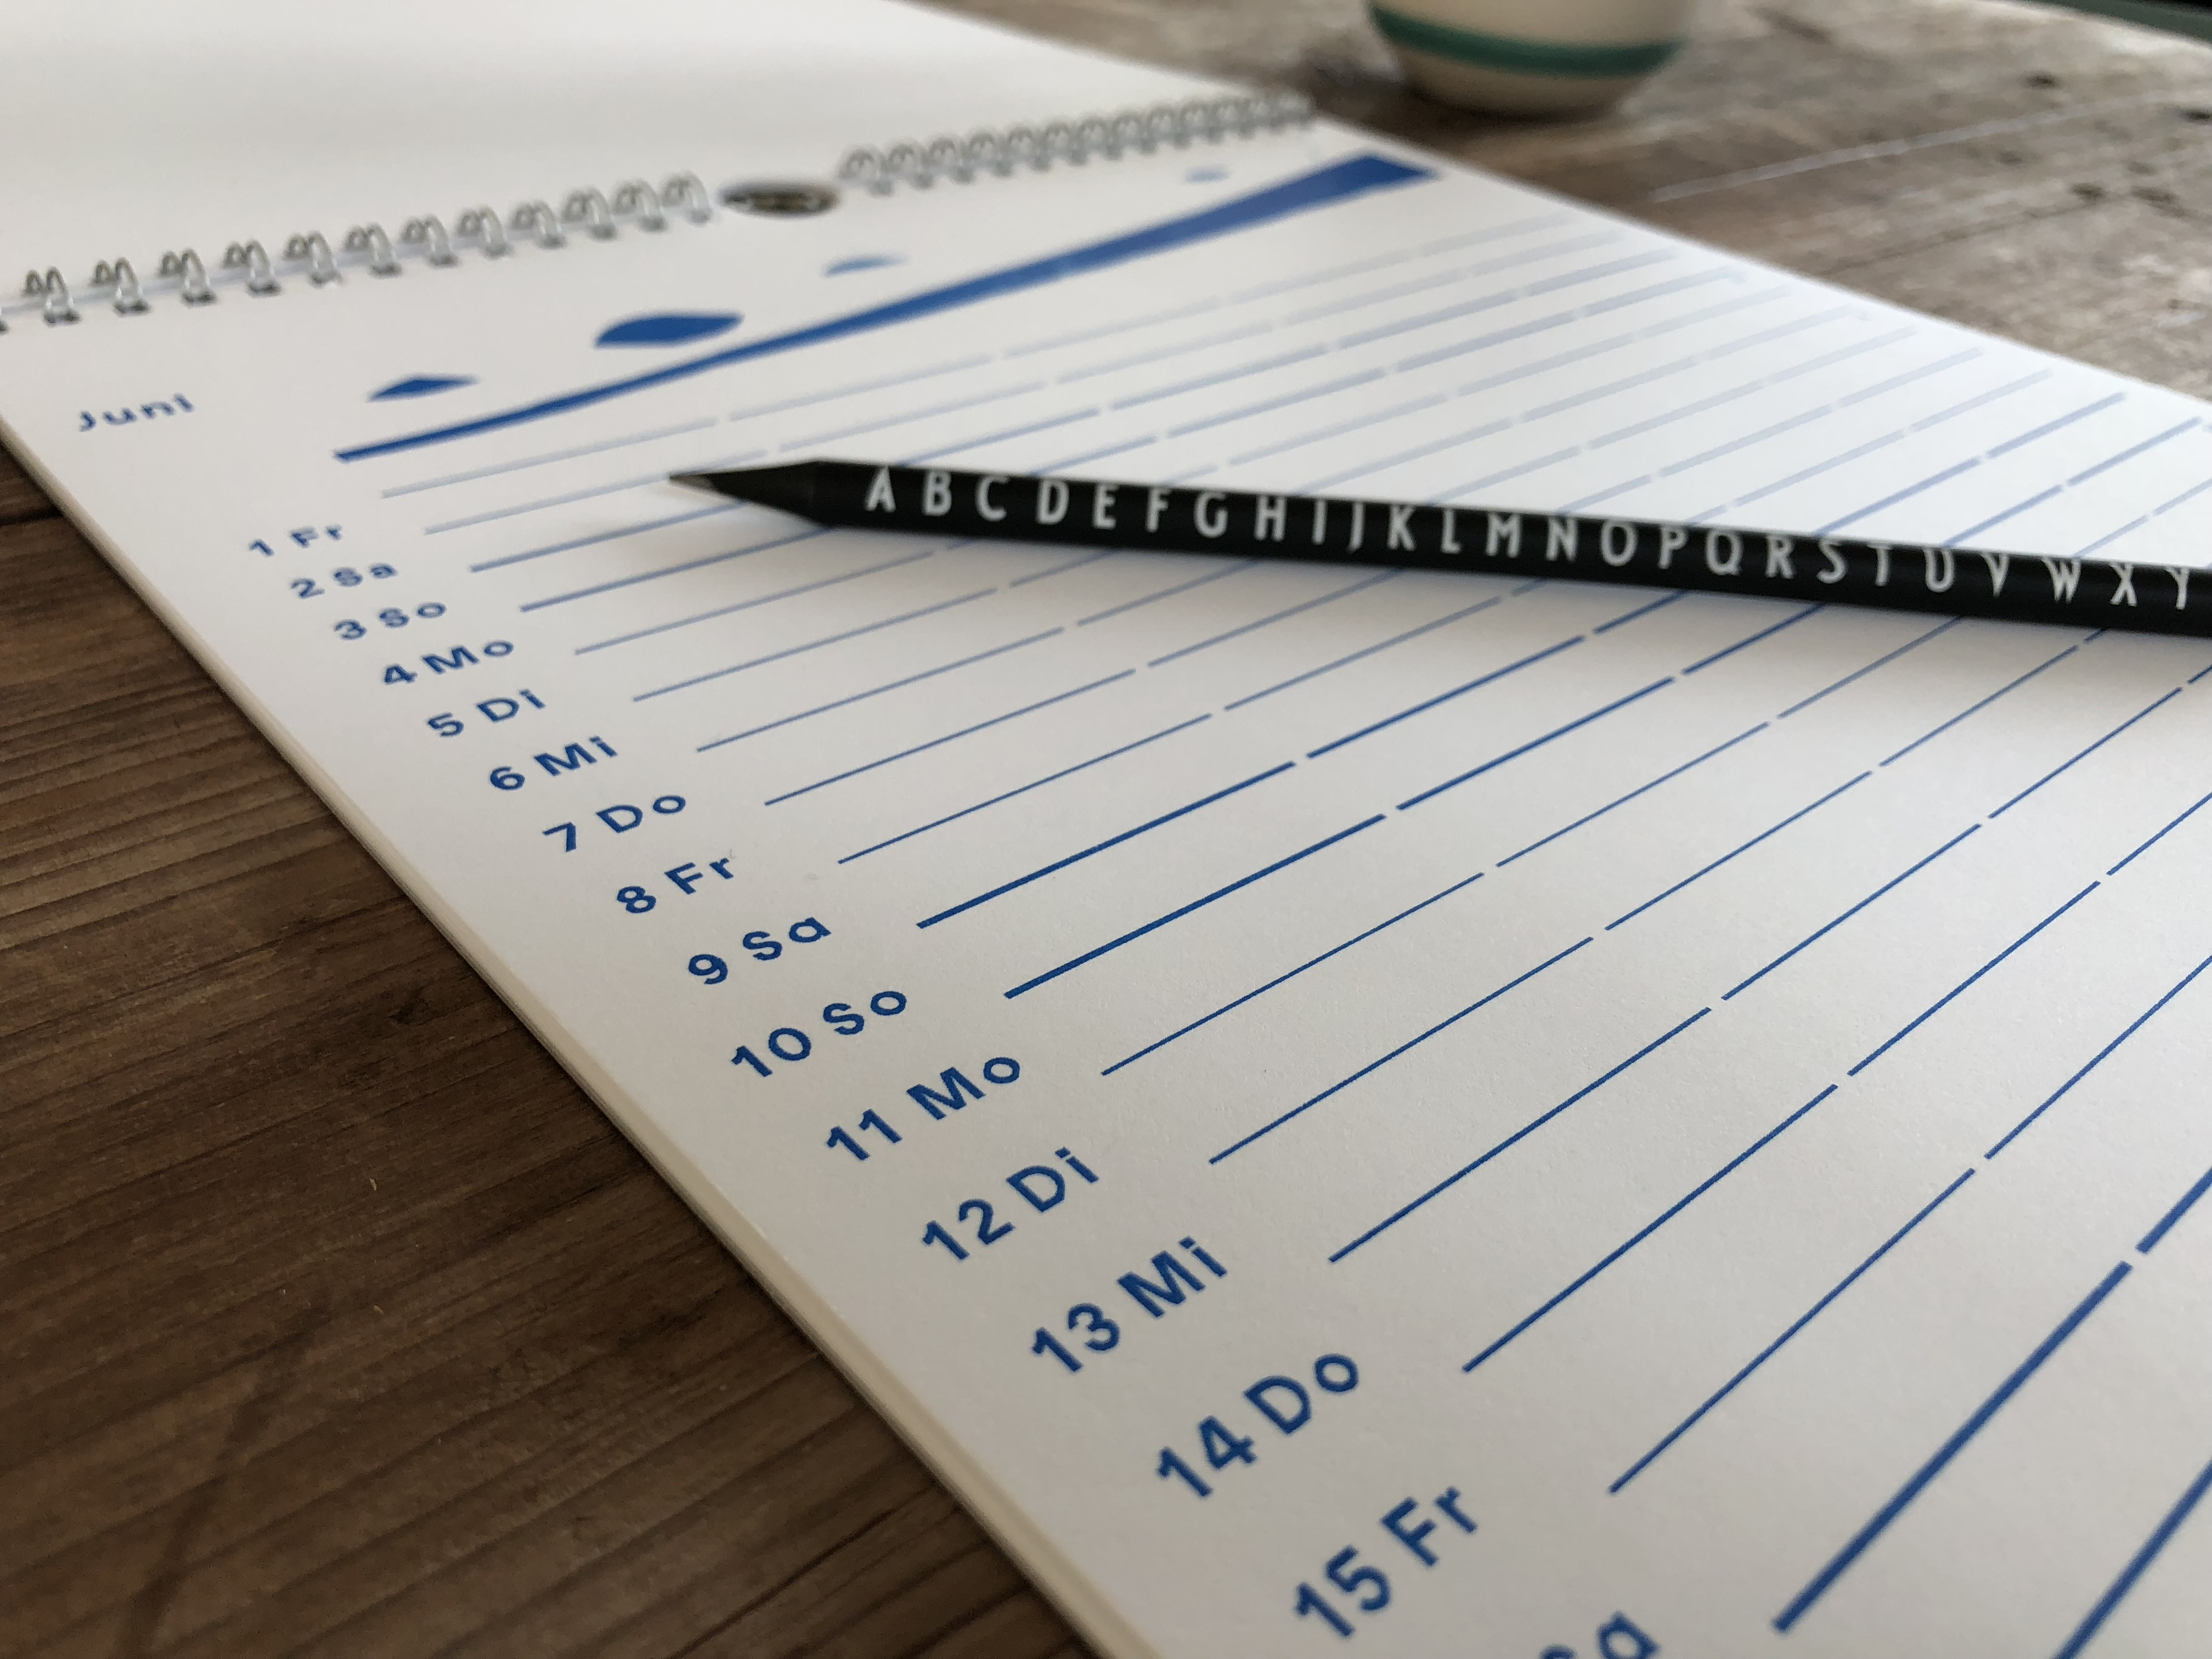 Jahresplaner, Organisation, Agenda